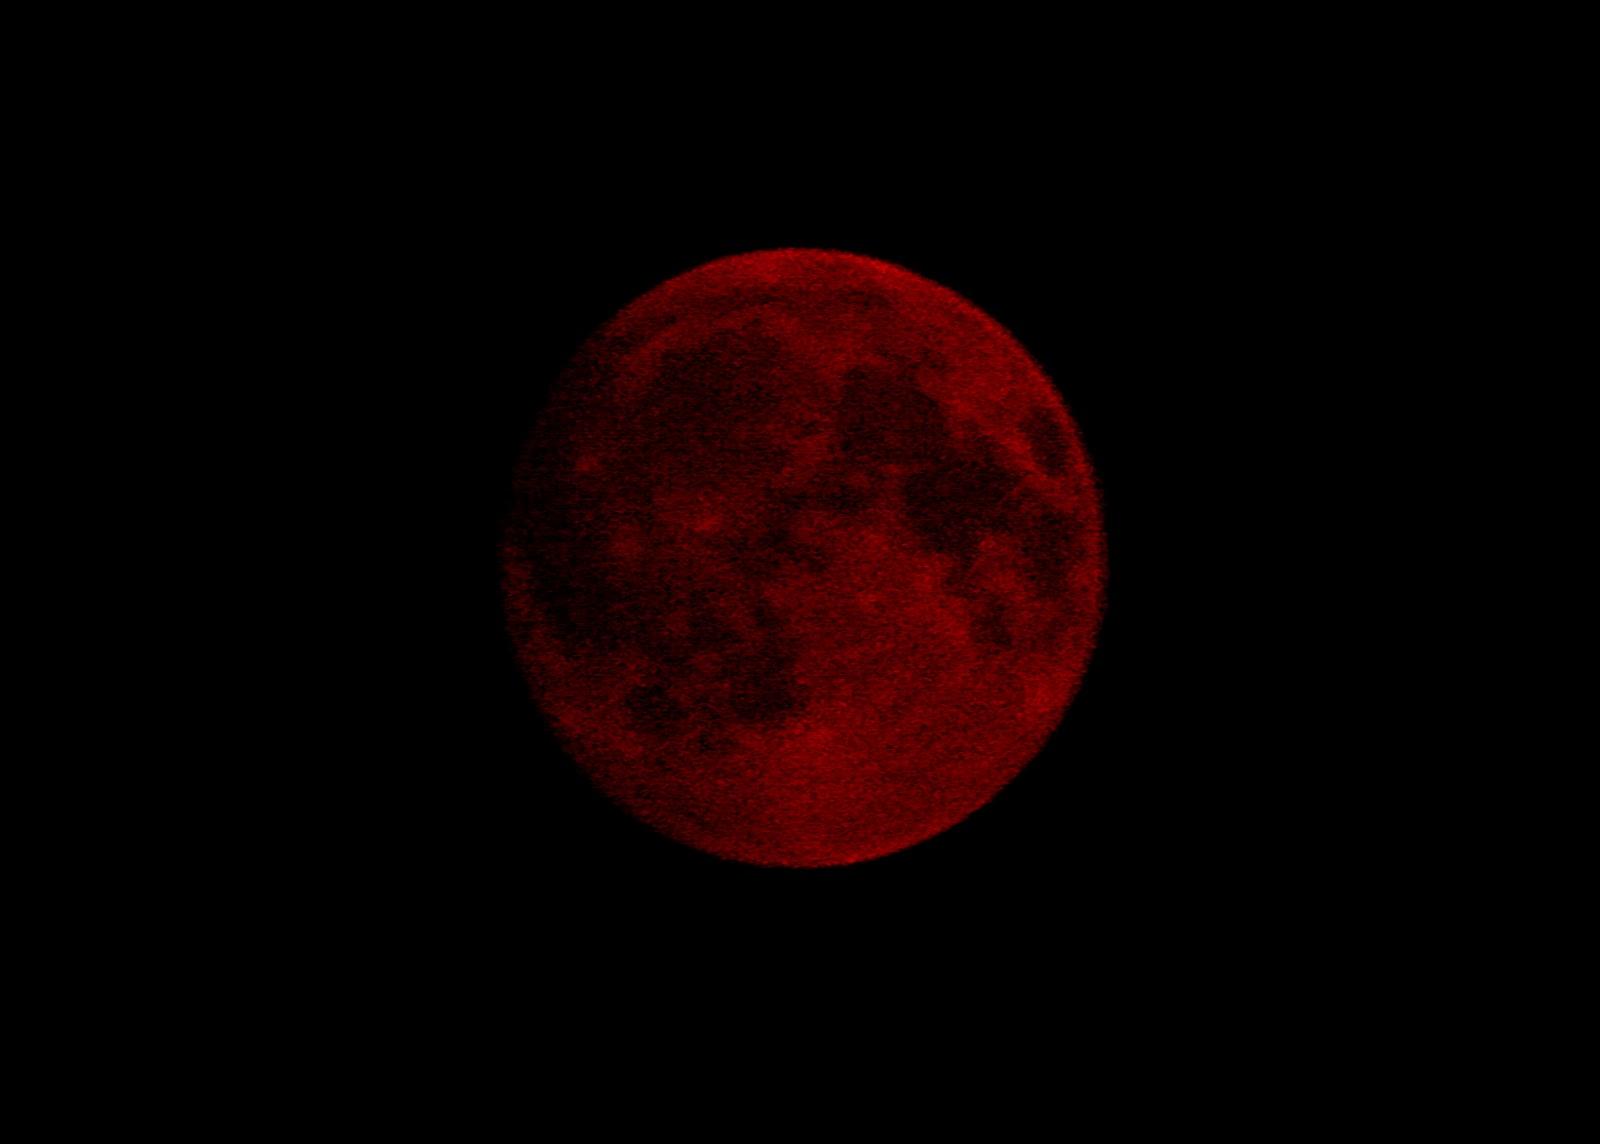 blood moon tonight washington - photo #25